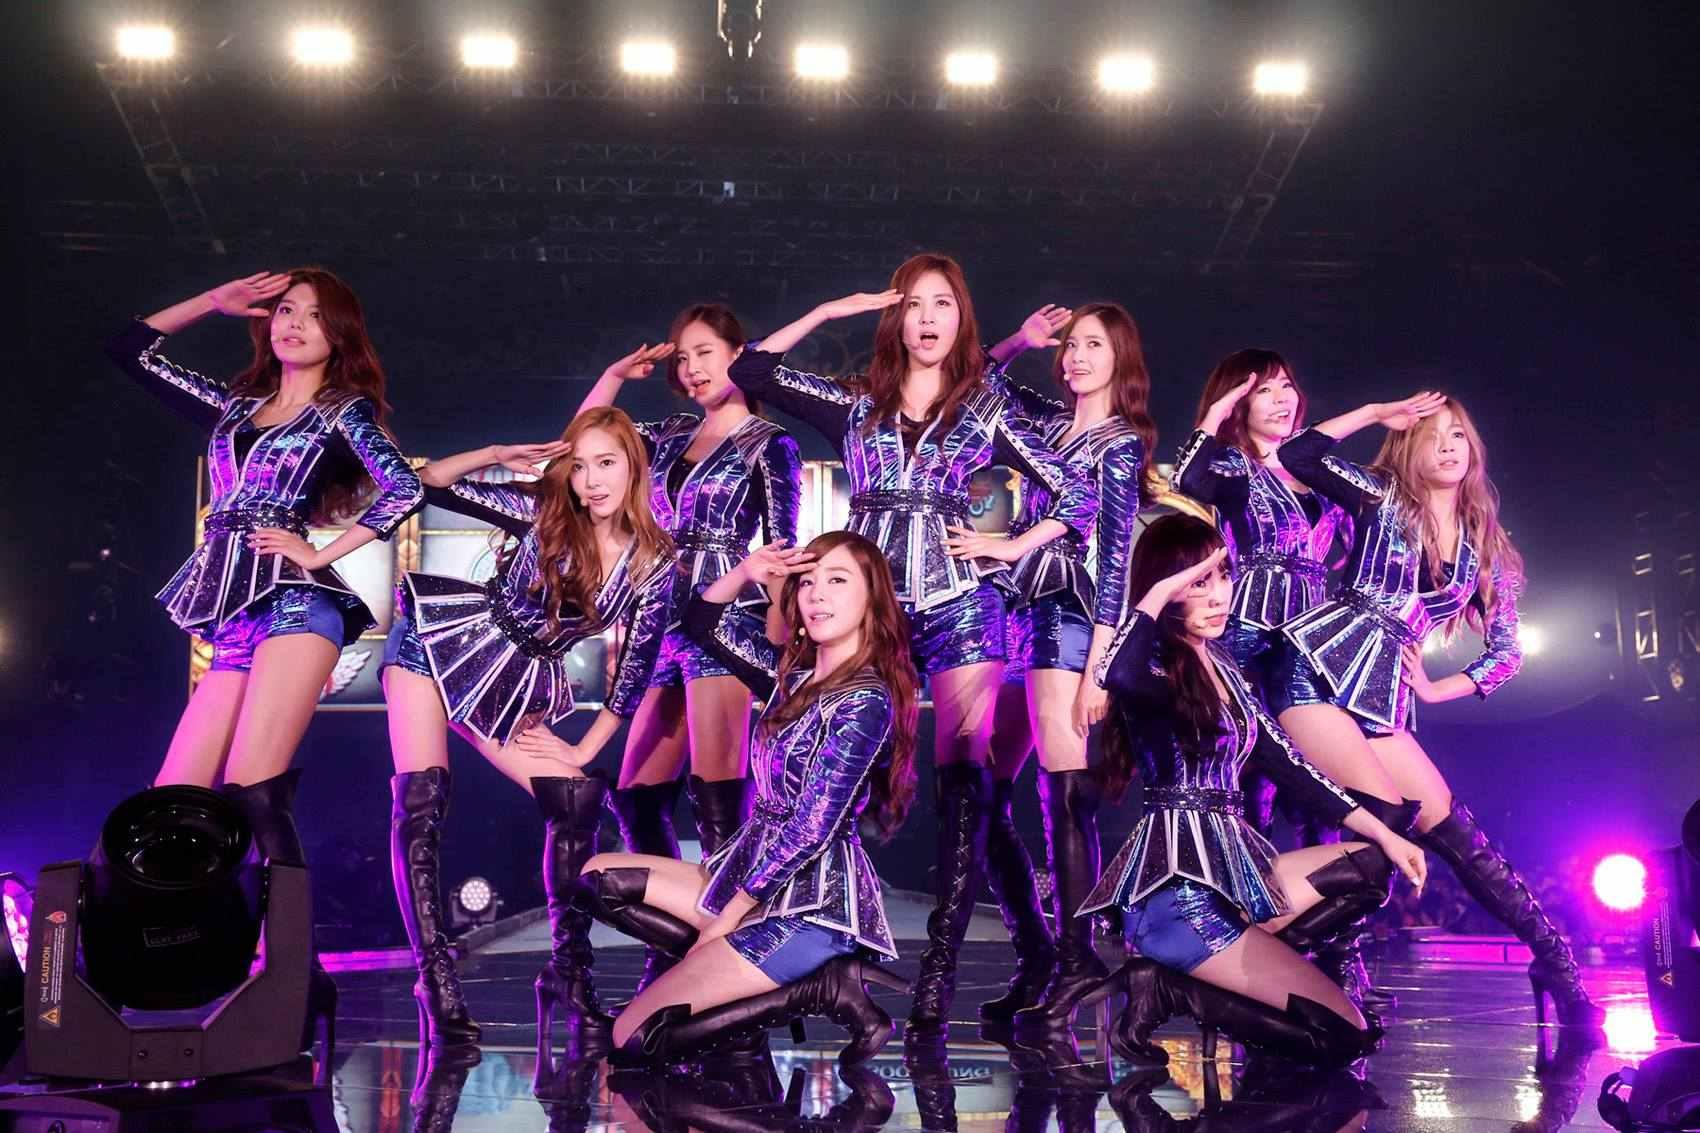 #少女時代 (소녀시대)